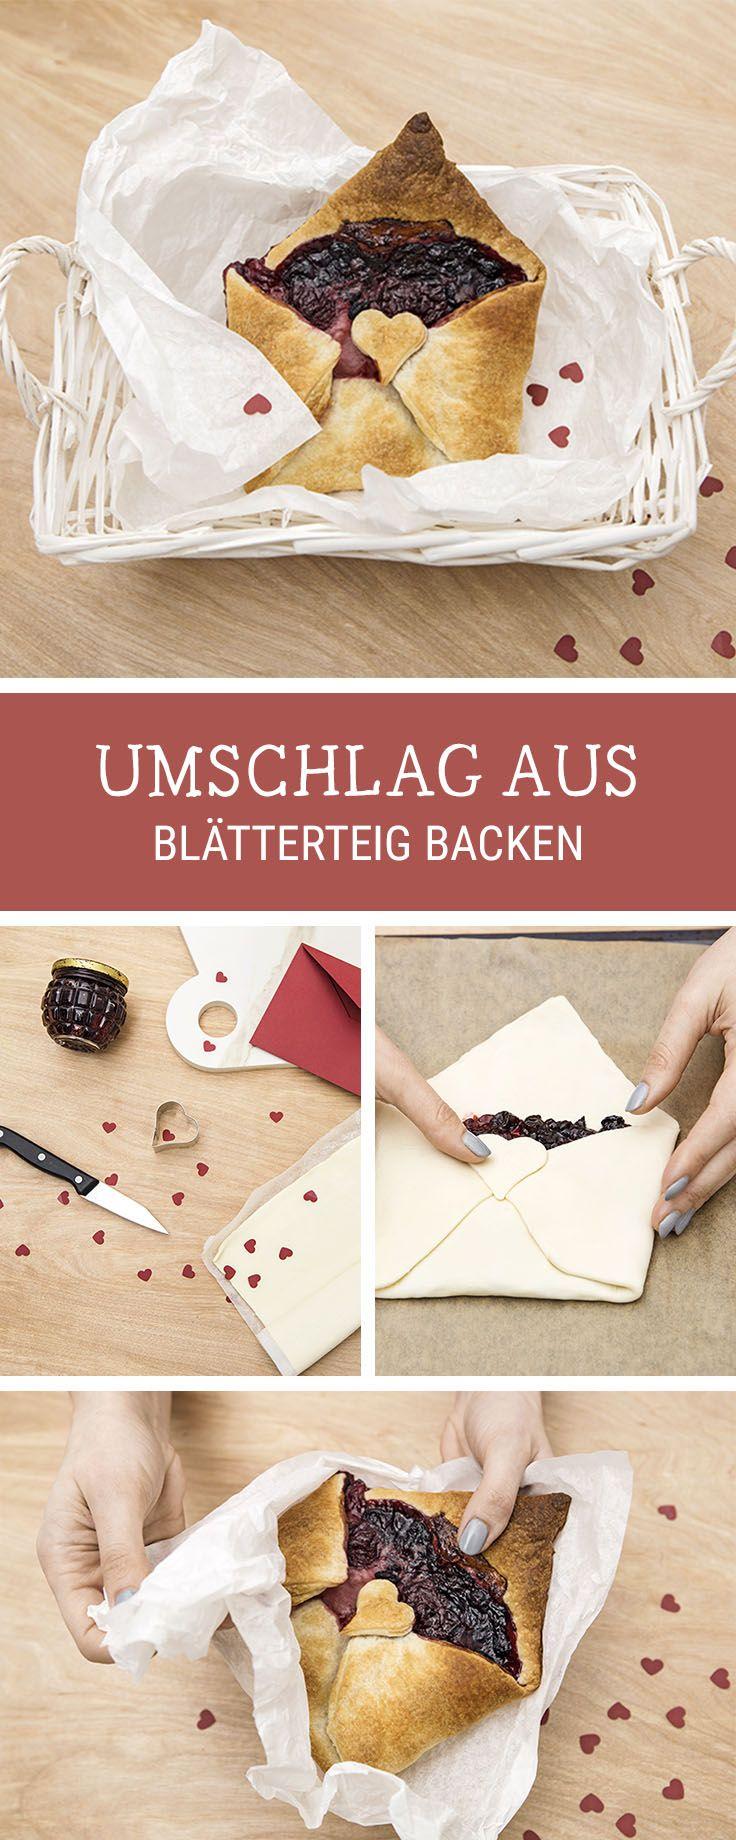 Rezept für den Valentinstag: Blätterteig Gebäck in Form eines Briefes / puff pastry recipes for Valentine's Day via DaWanda.com